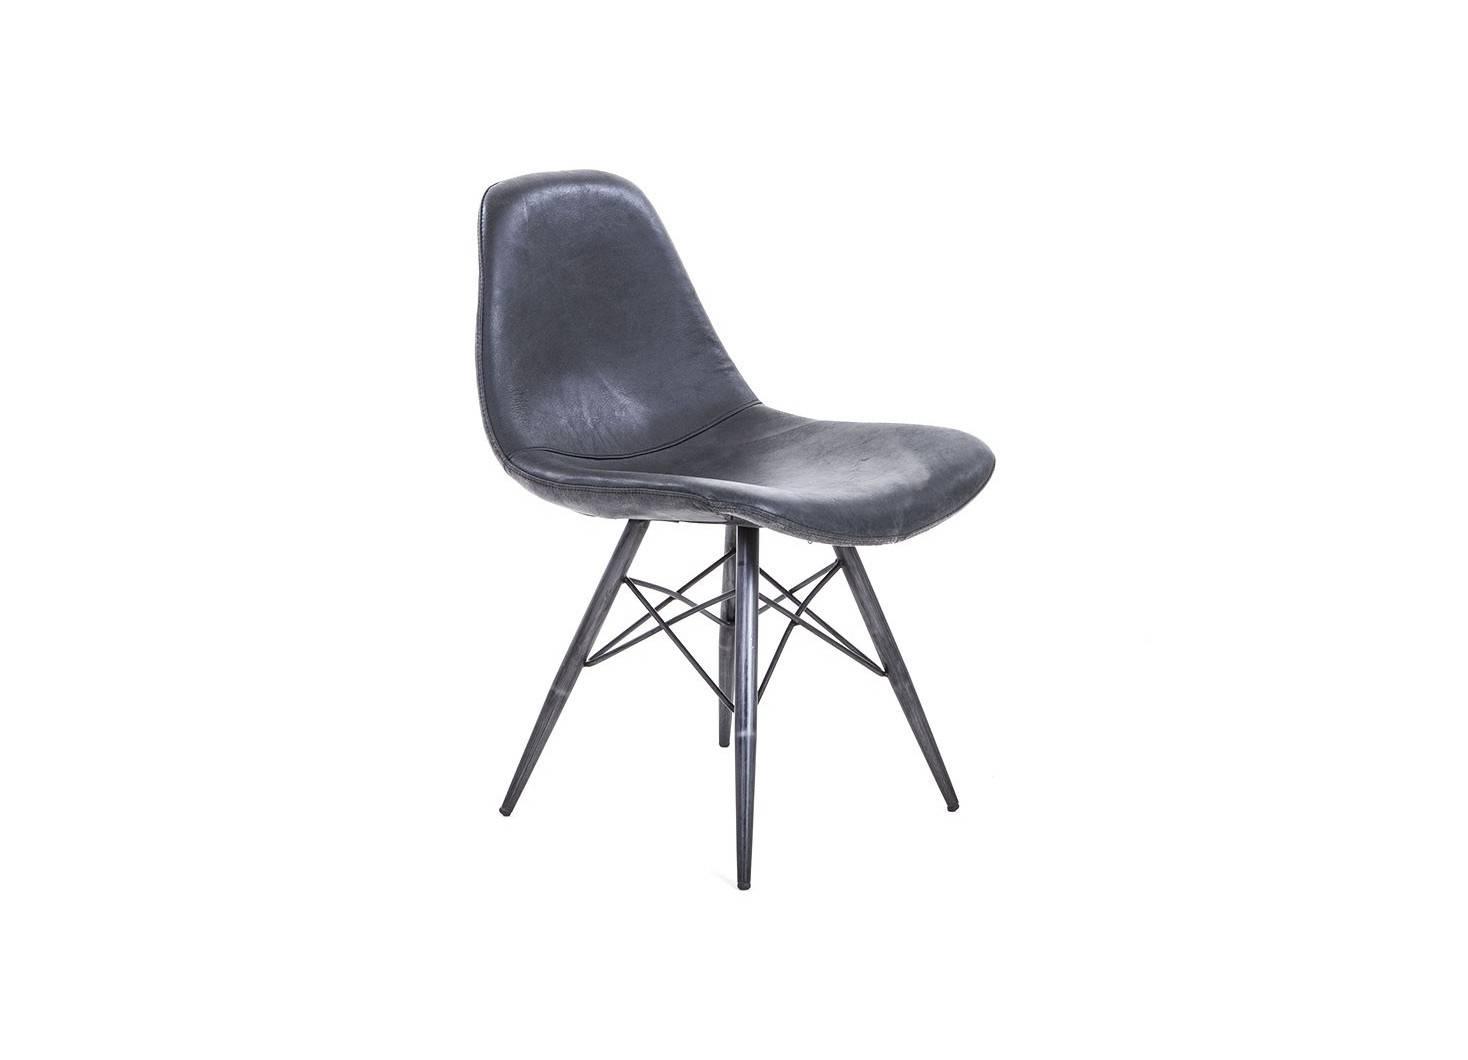 chaise en cuir noir vintage h82 cm - Chaise Scandinave Cuir